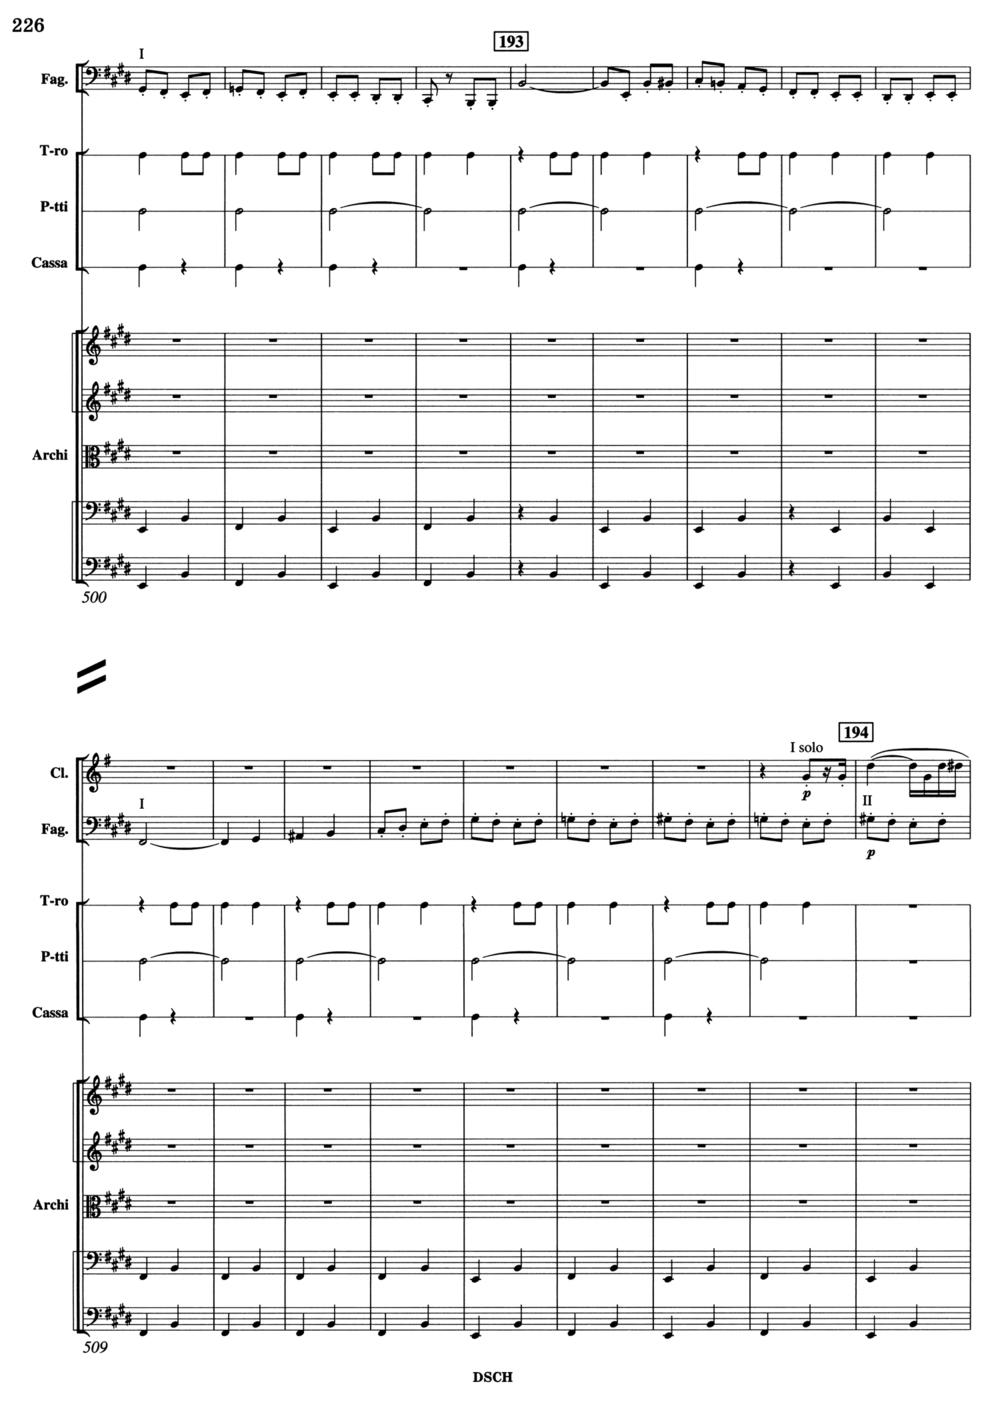 Shostakovich 10 Mvt 4 Score Page 5.jpg